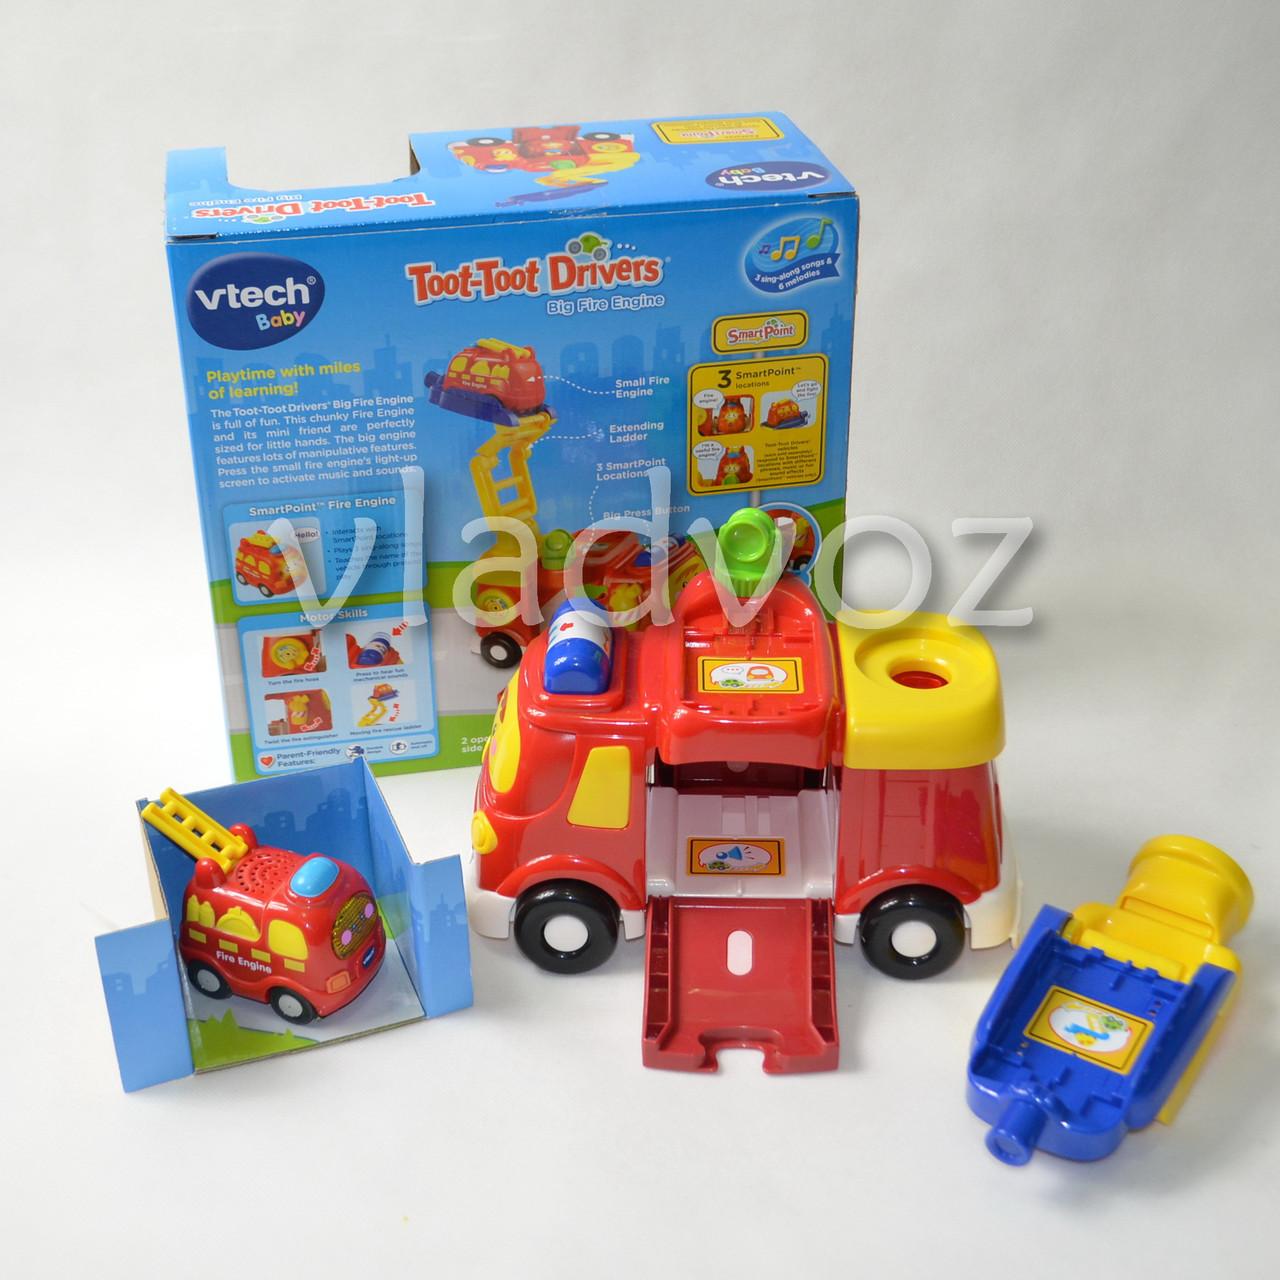 Детская пожарная машина Vtech - интернет-магазин vladvozsklad мтс 0666993749, киевстар 0681044912, лайф 0932504050 в Николаевской области